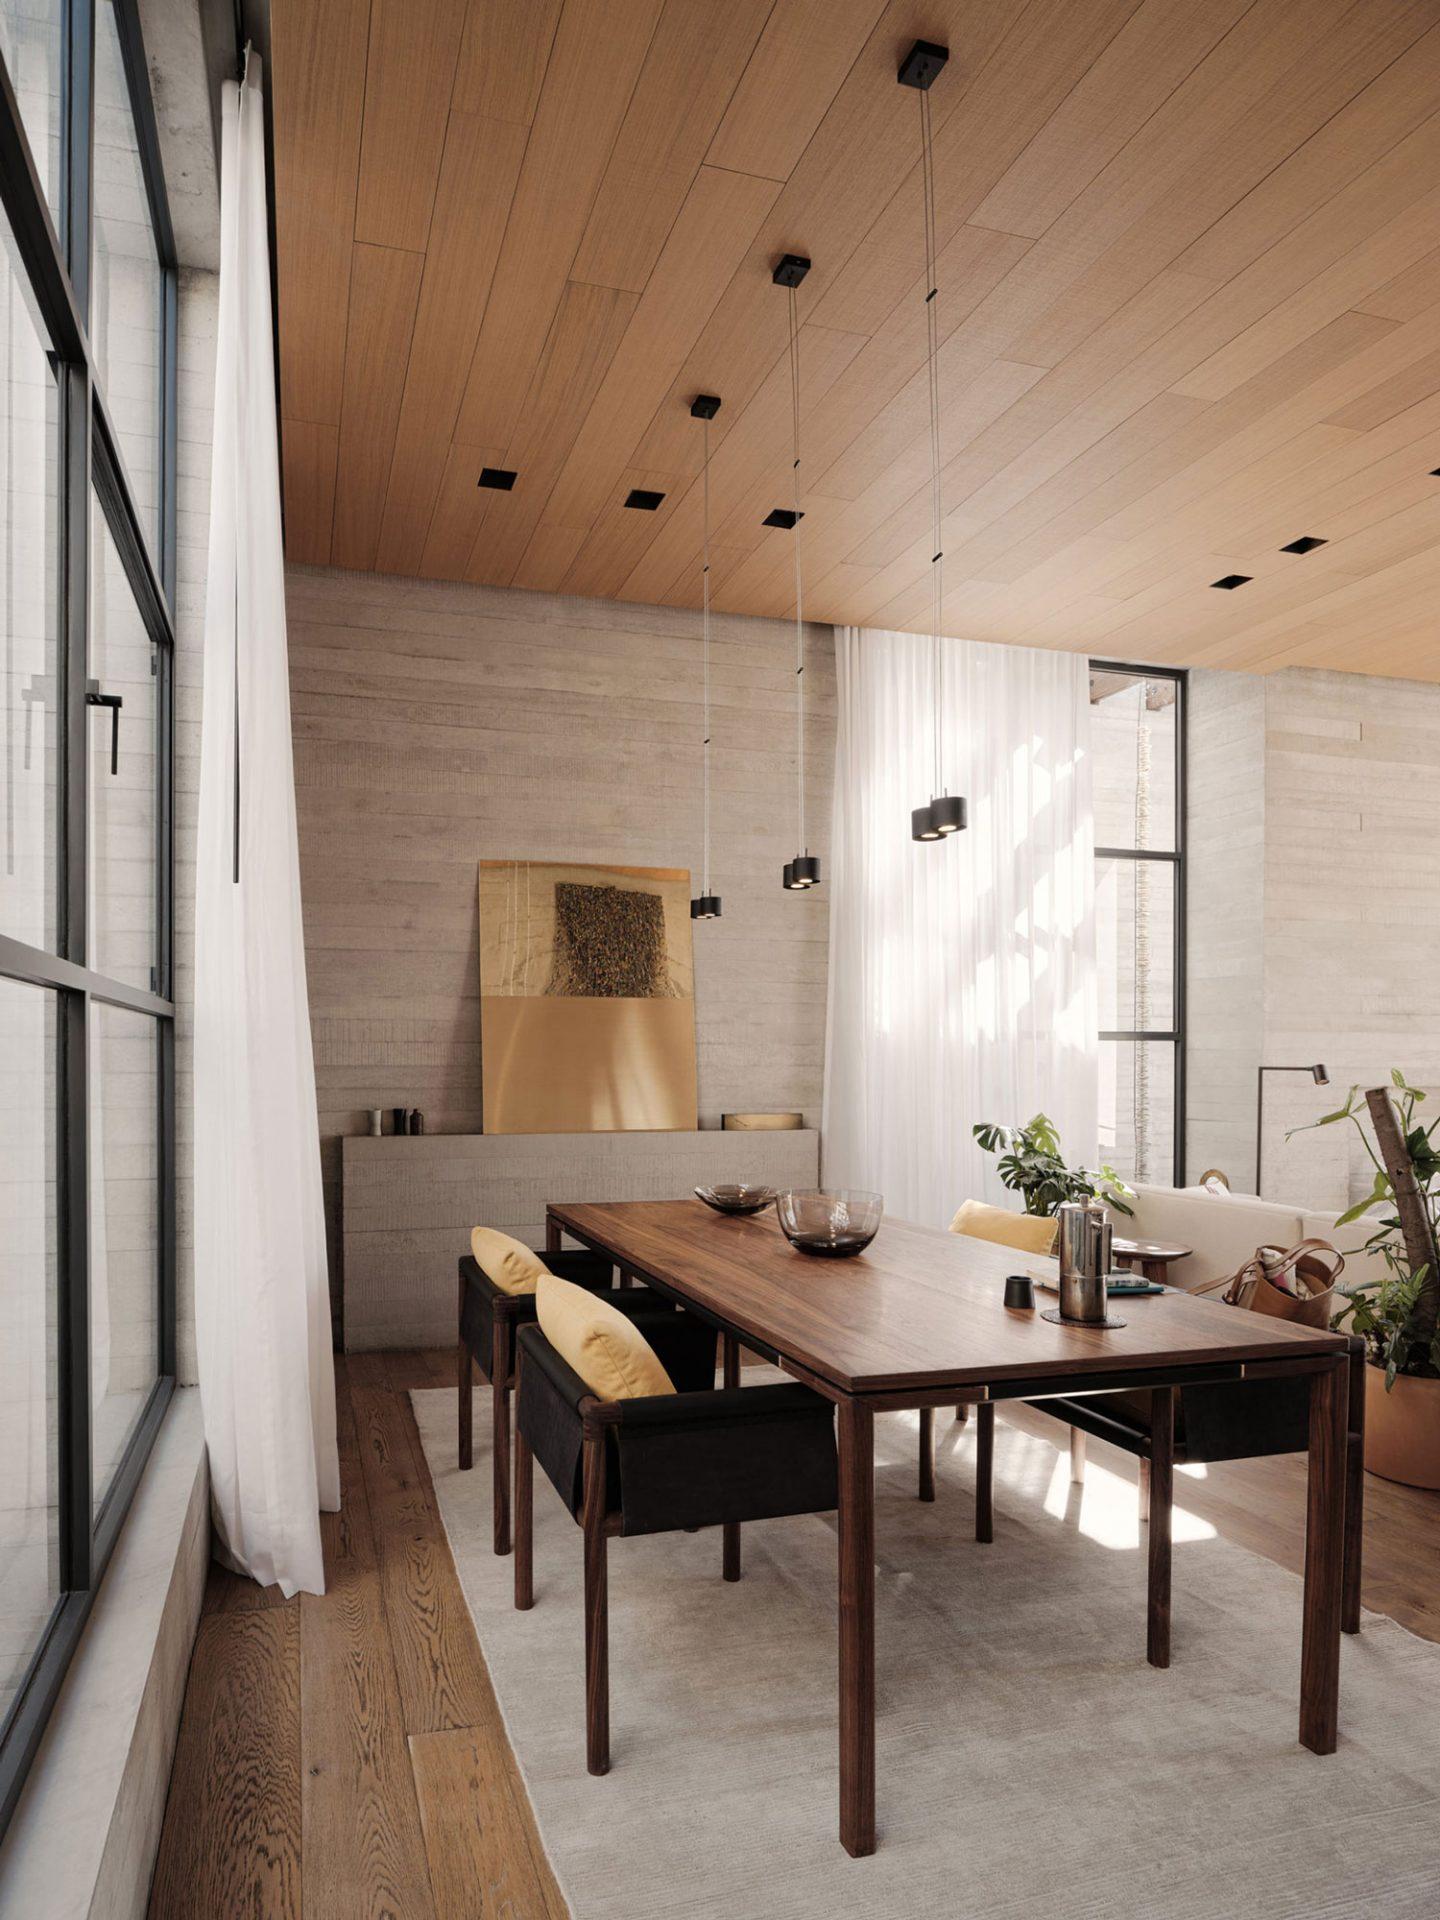 Tennyson-205-Apartment-designalive-5